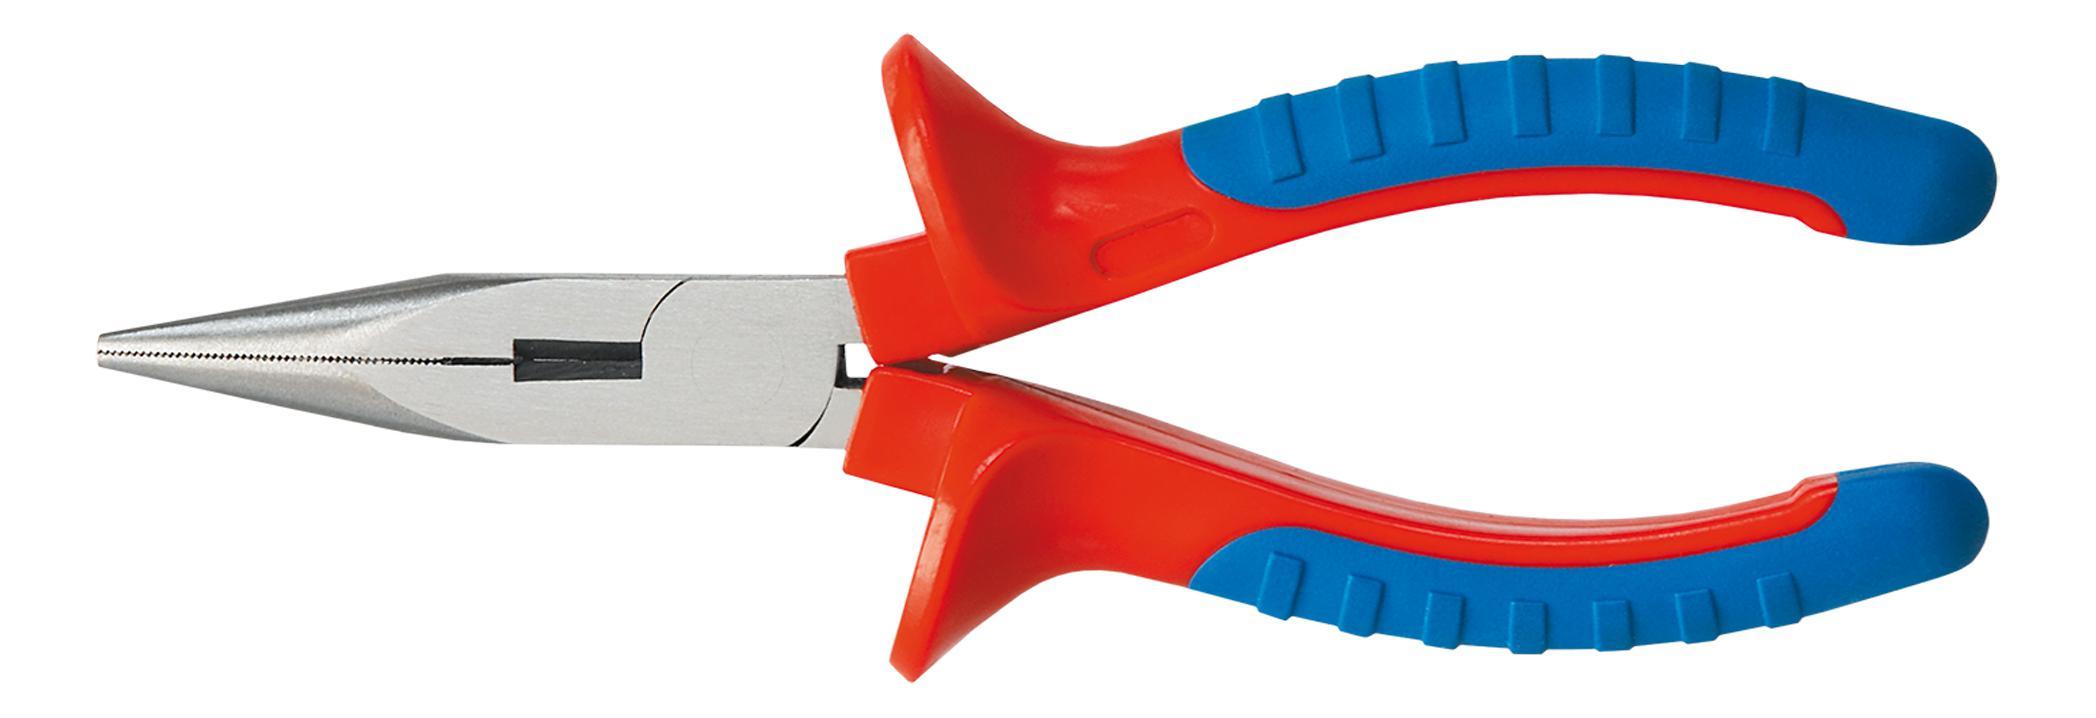 Купить Плоскогубцы Top tools 32d115, Китай